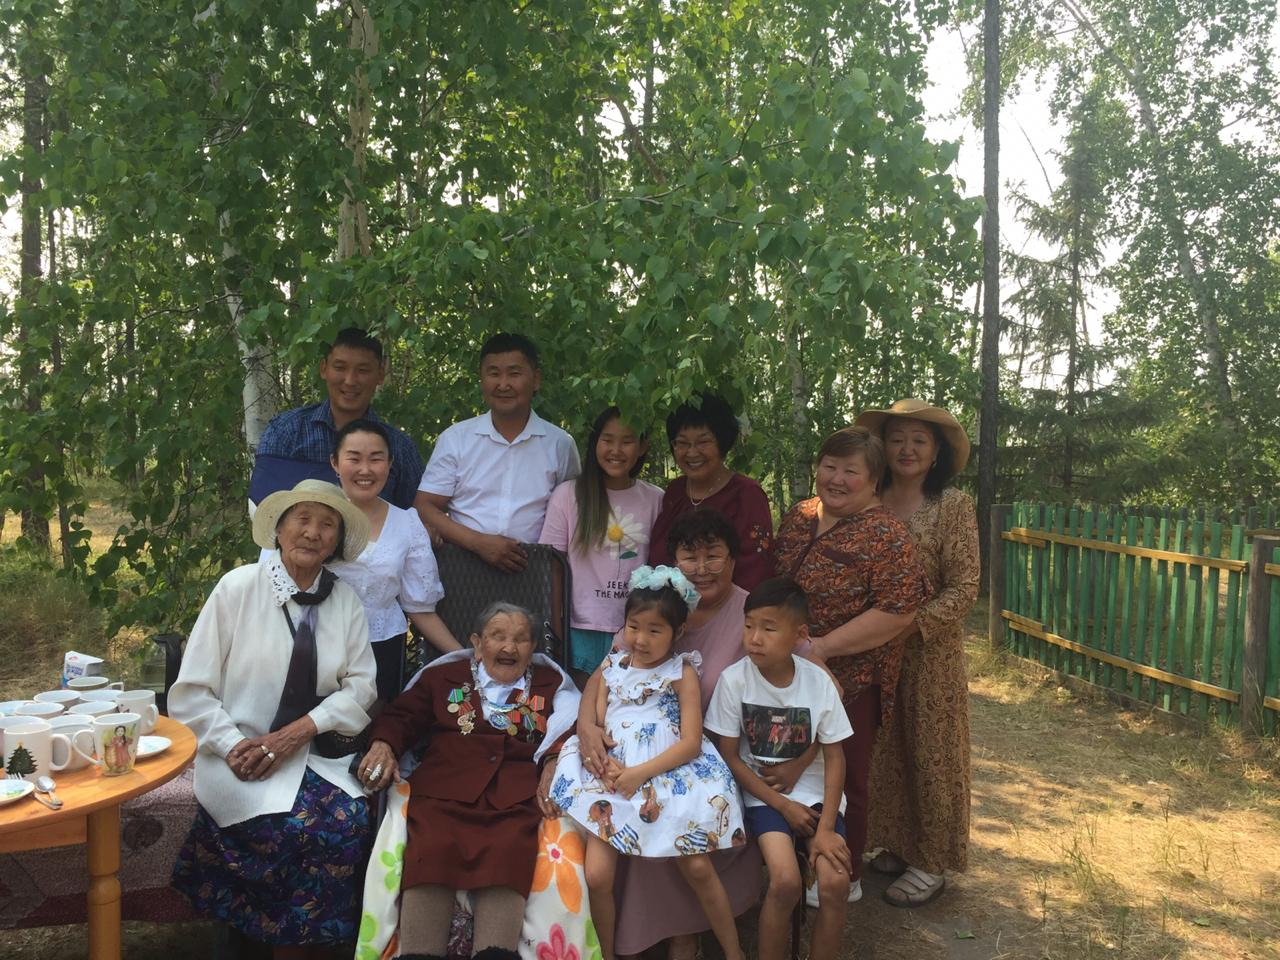 В Усть-Алданском улусе со 100-летием поздравили Пестрякову Ульяну Петровну